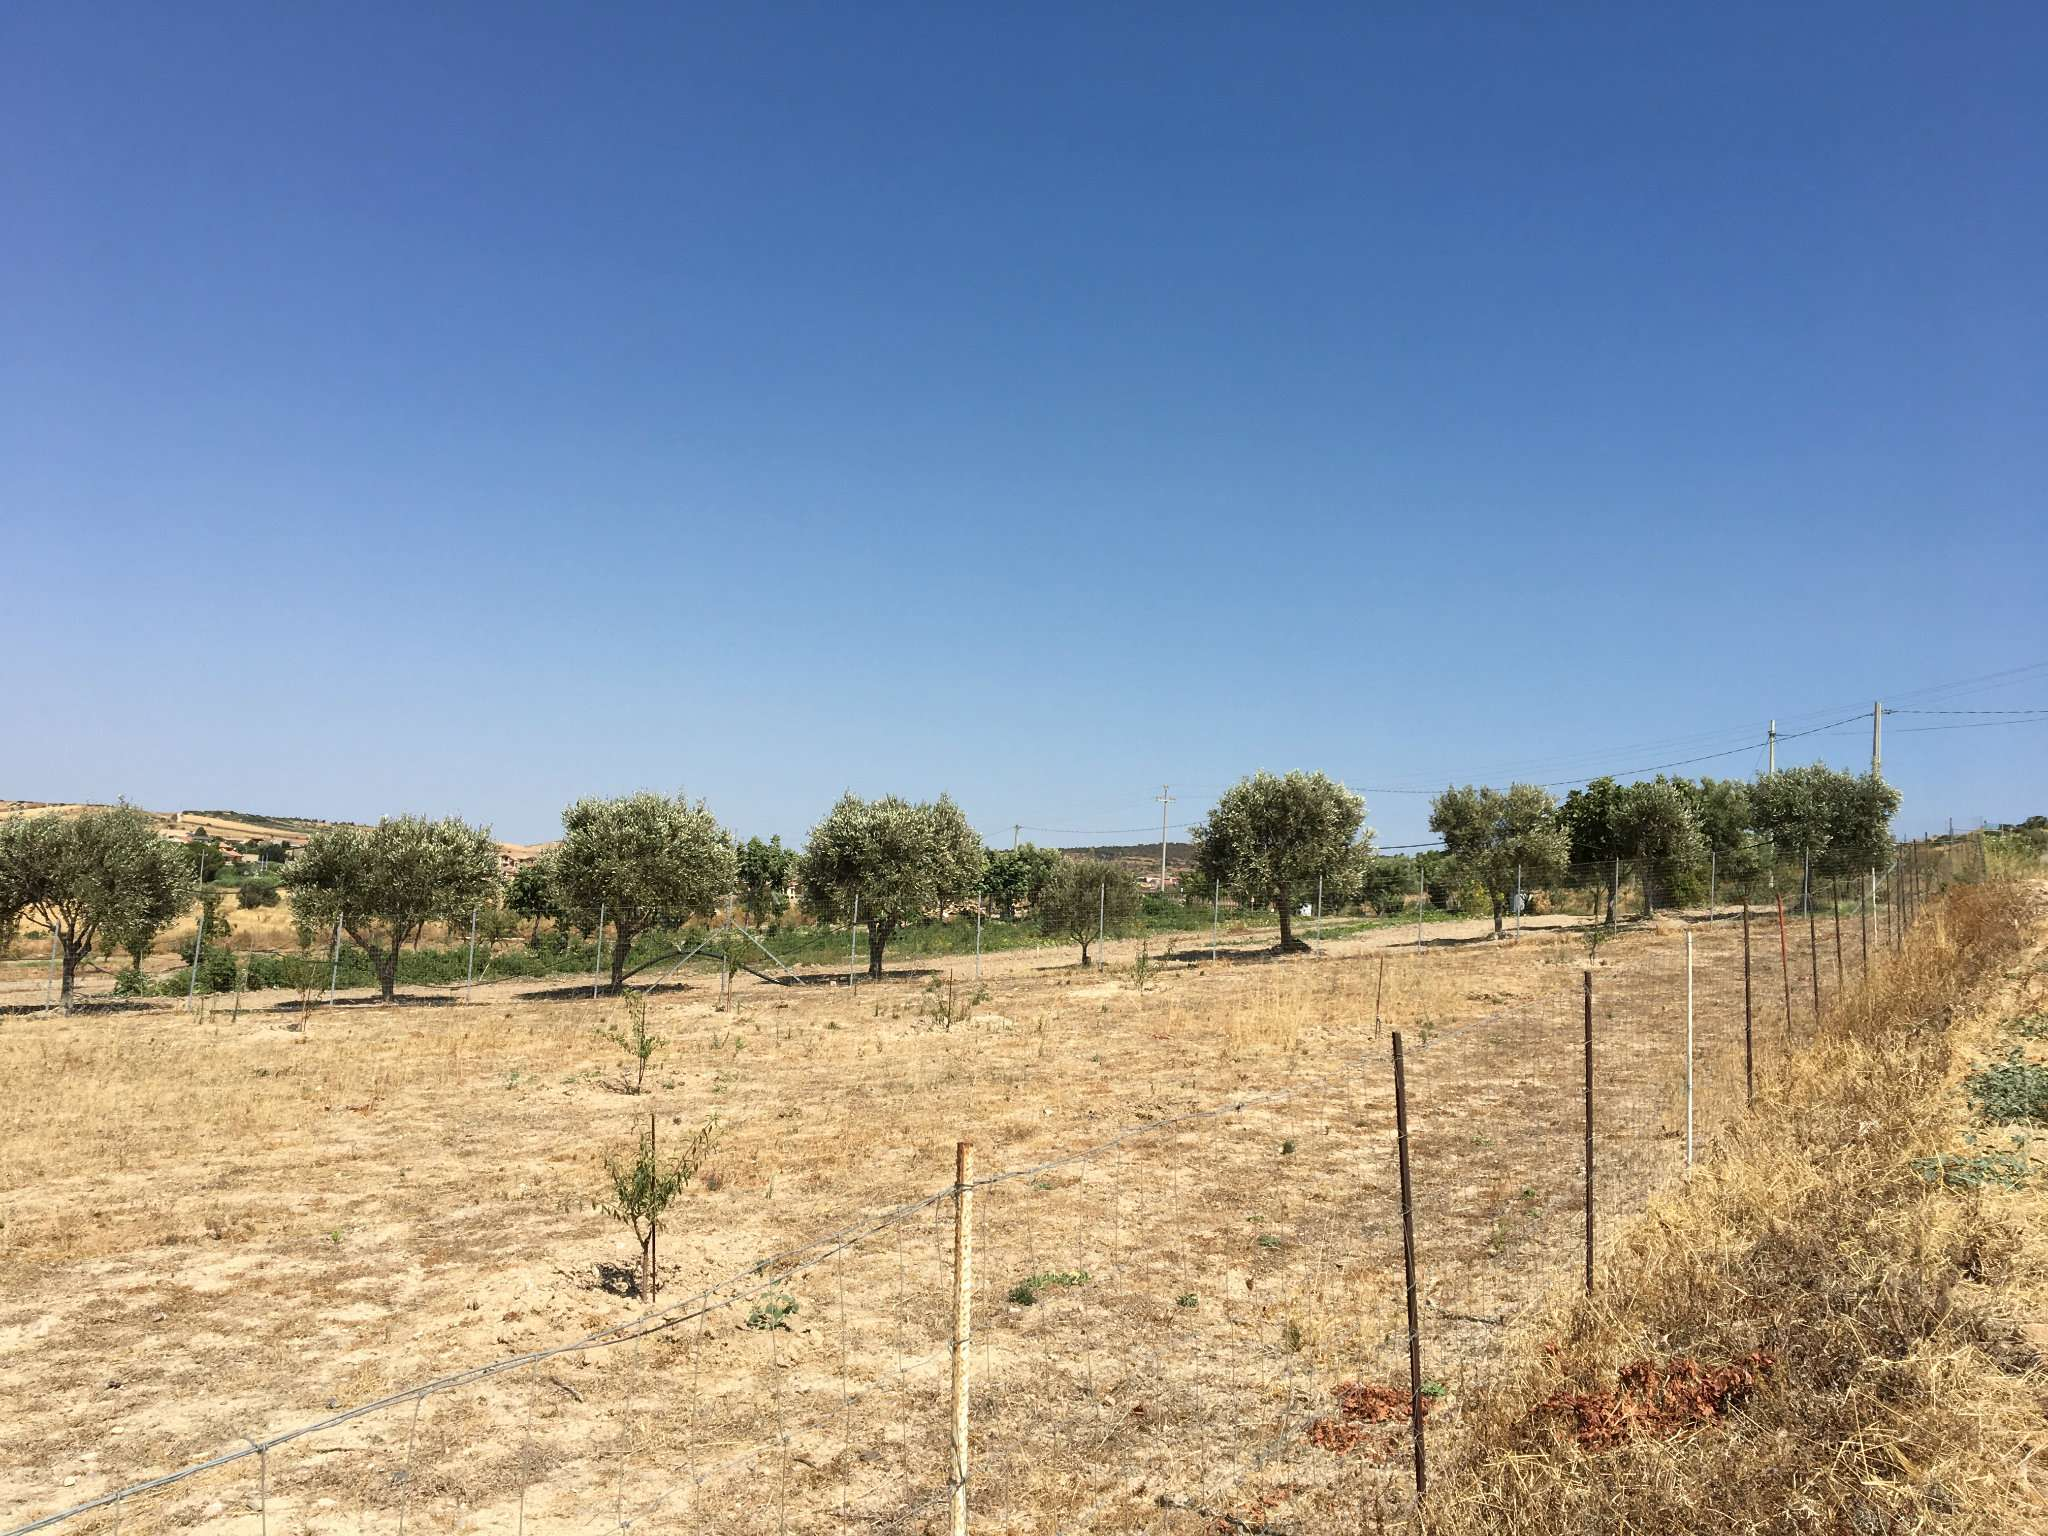 Terreno Agricolo in vendita a Settimo San Pietro, 9999 locali, prezzo € 9.100 | CambioCasa.it